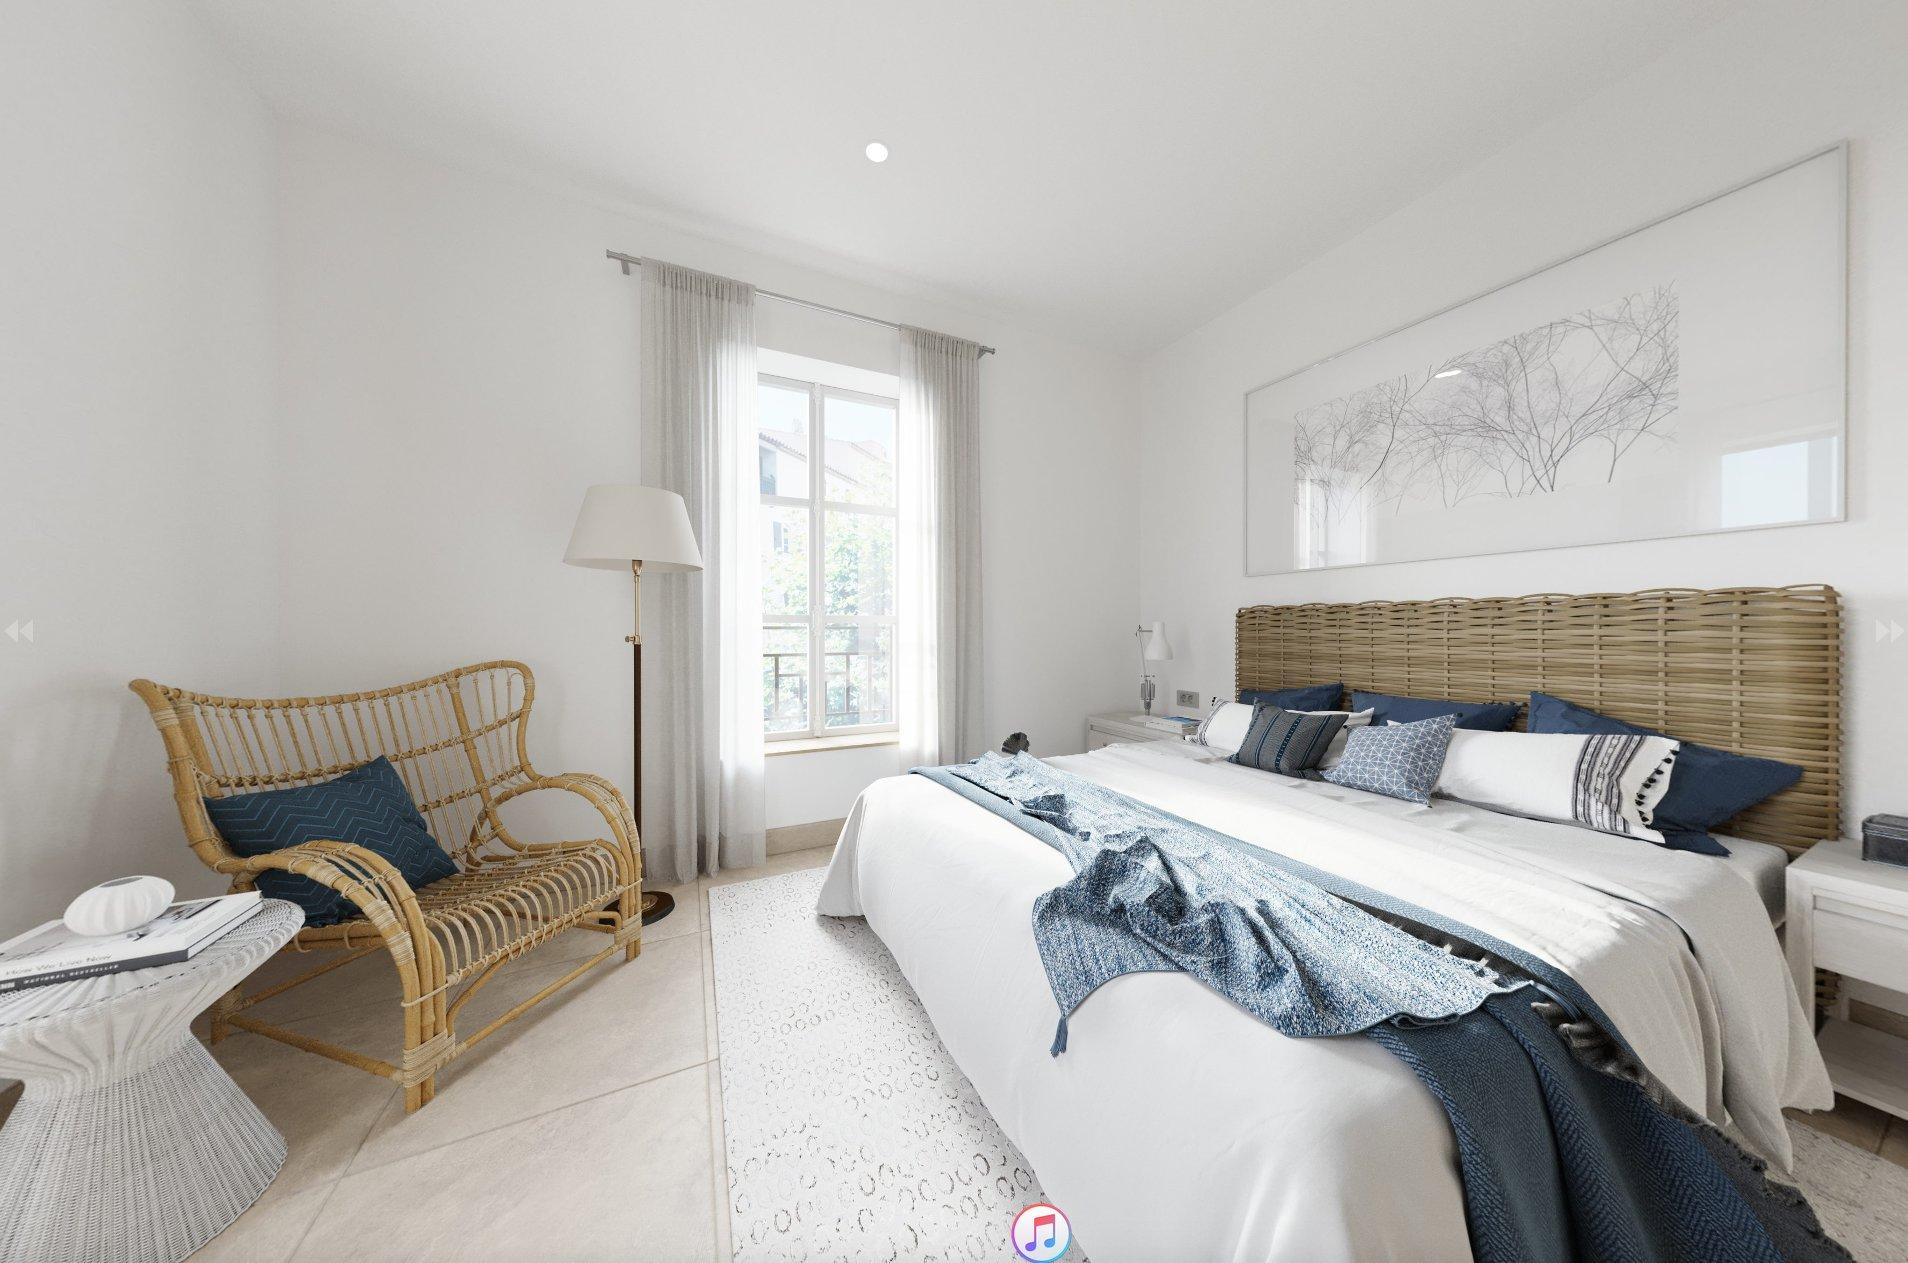 Verkauf Wohnung - Saint-Tropez - Frankreich